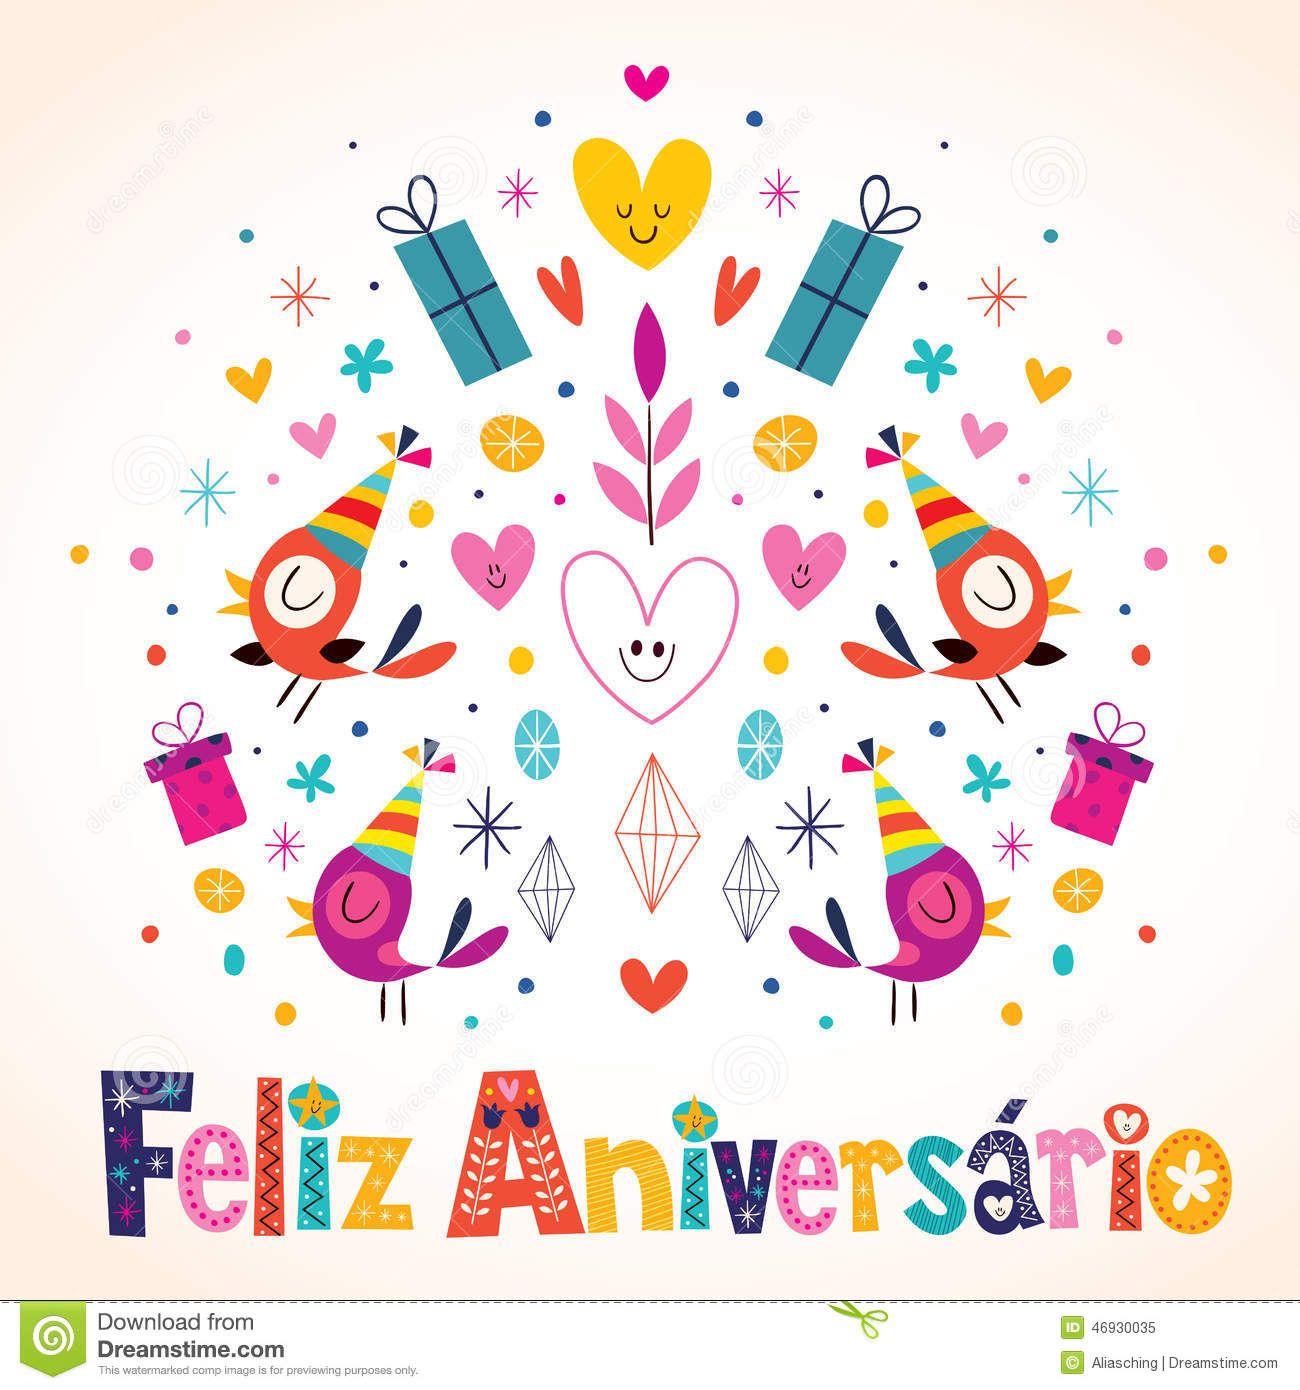 Anivers rio de Feliz Aniversario Brazilian Portuguese Happy Foto – Portuguese Birthday Cards